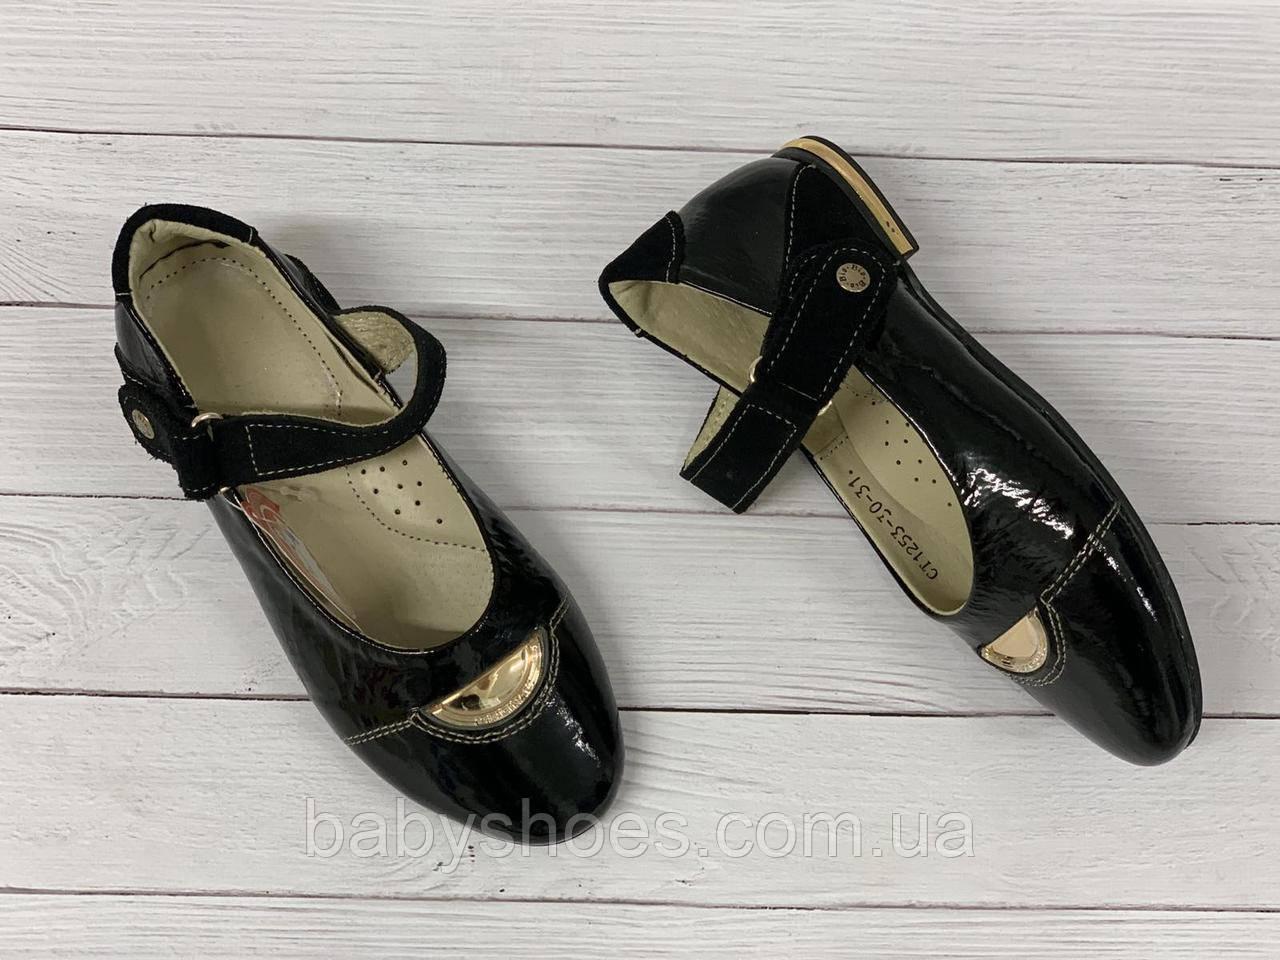 Туфли кожаные  для девочки Constanta р-ры 30,31  Мод.1253-ч